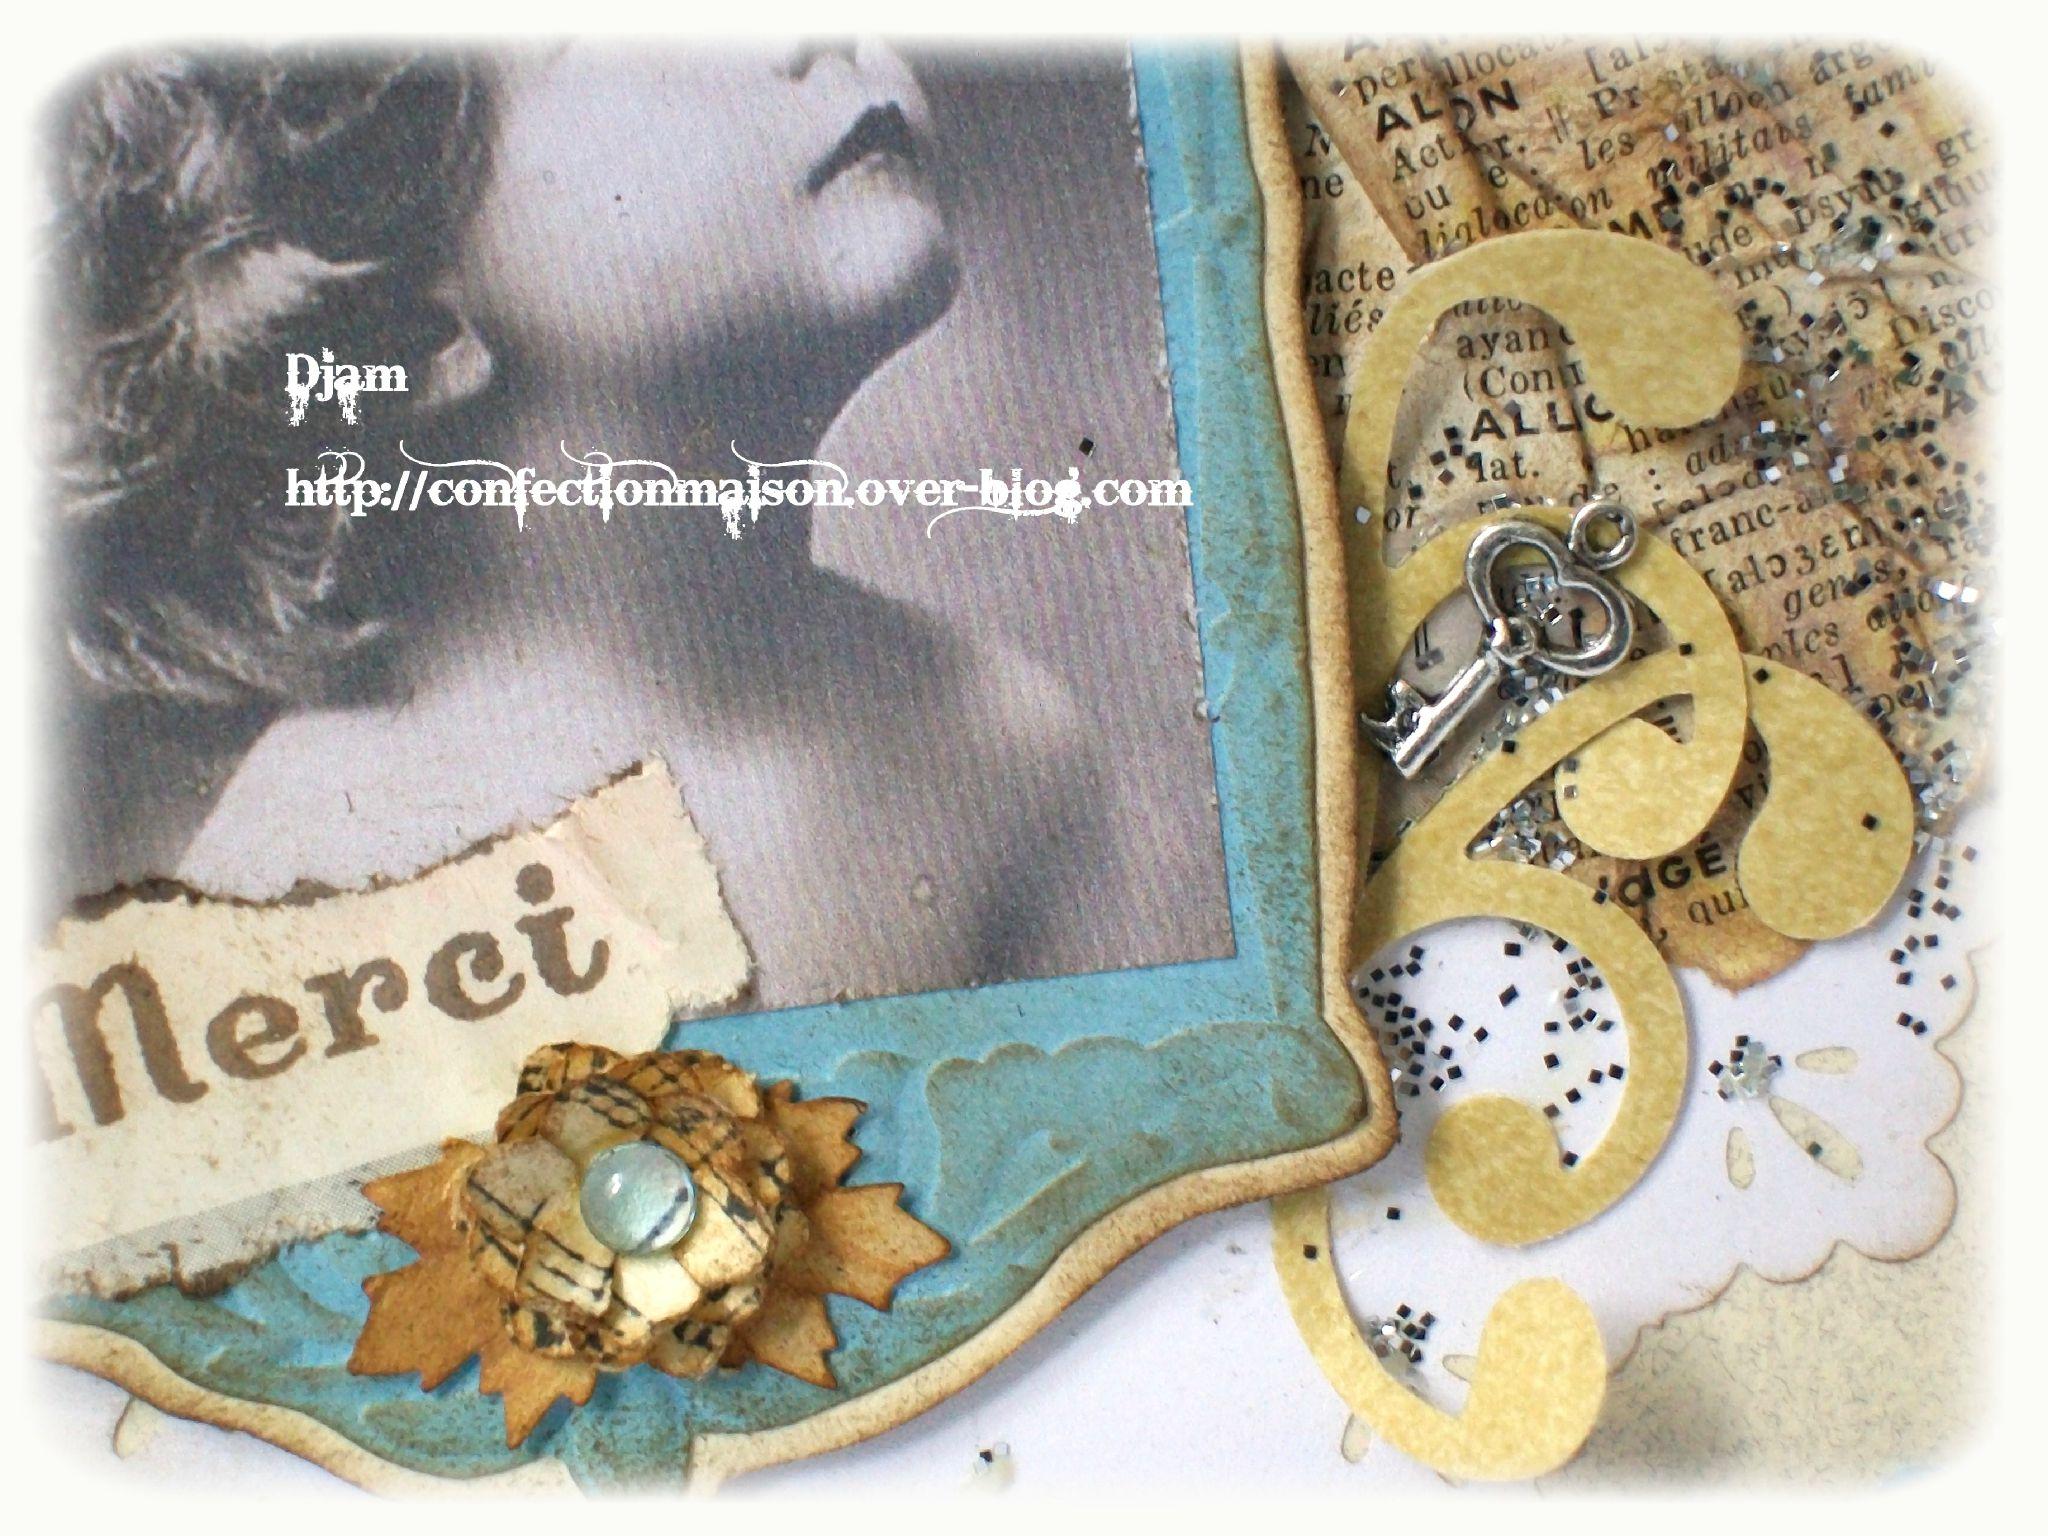 http://storage.canalblog.com/36/59/52086/76715750_o.jpg